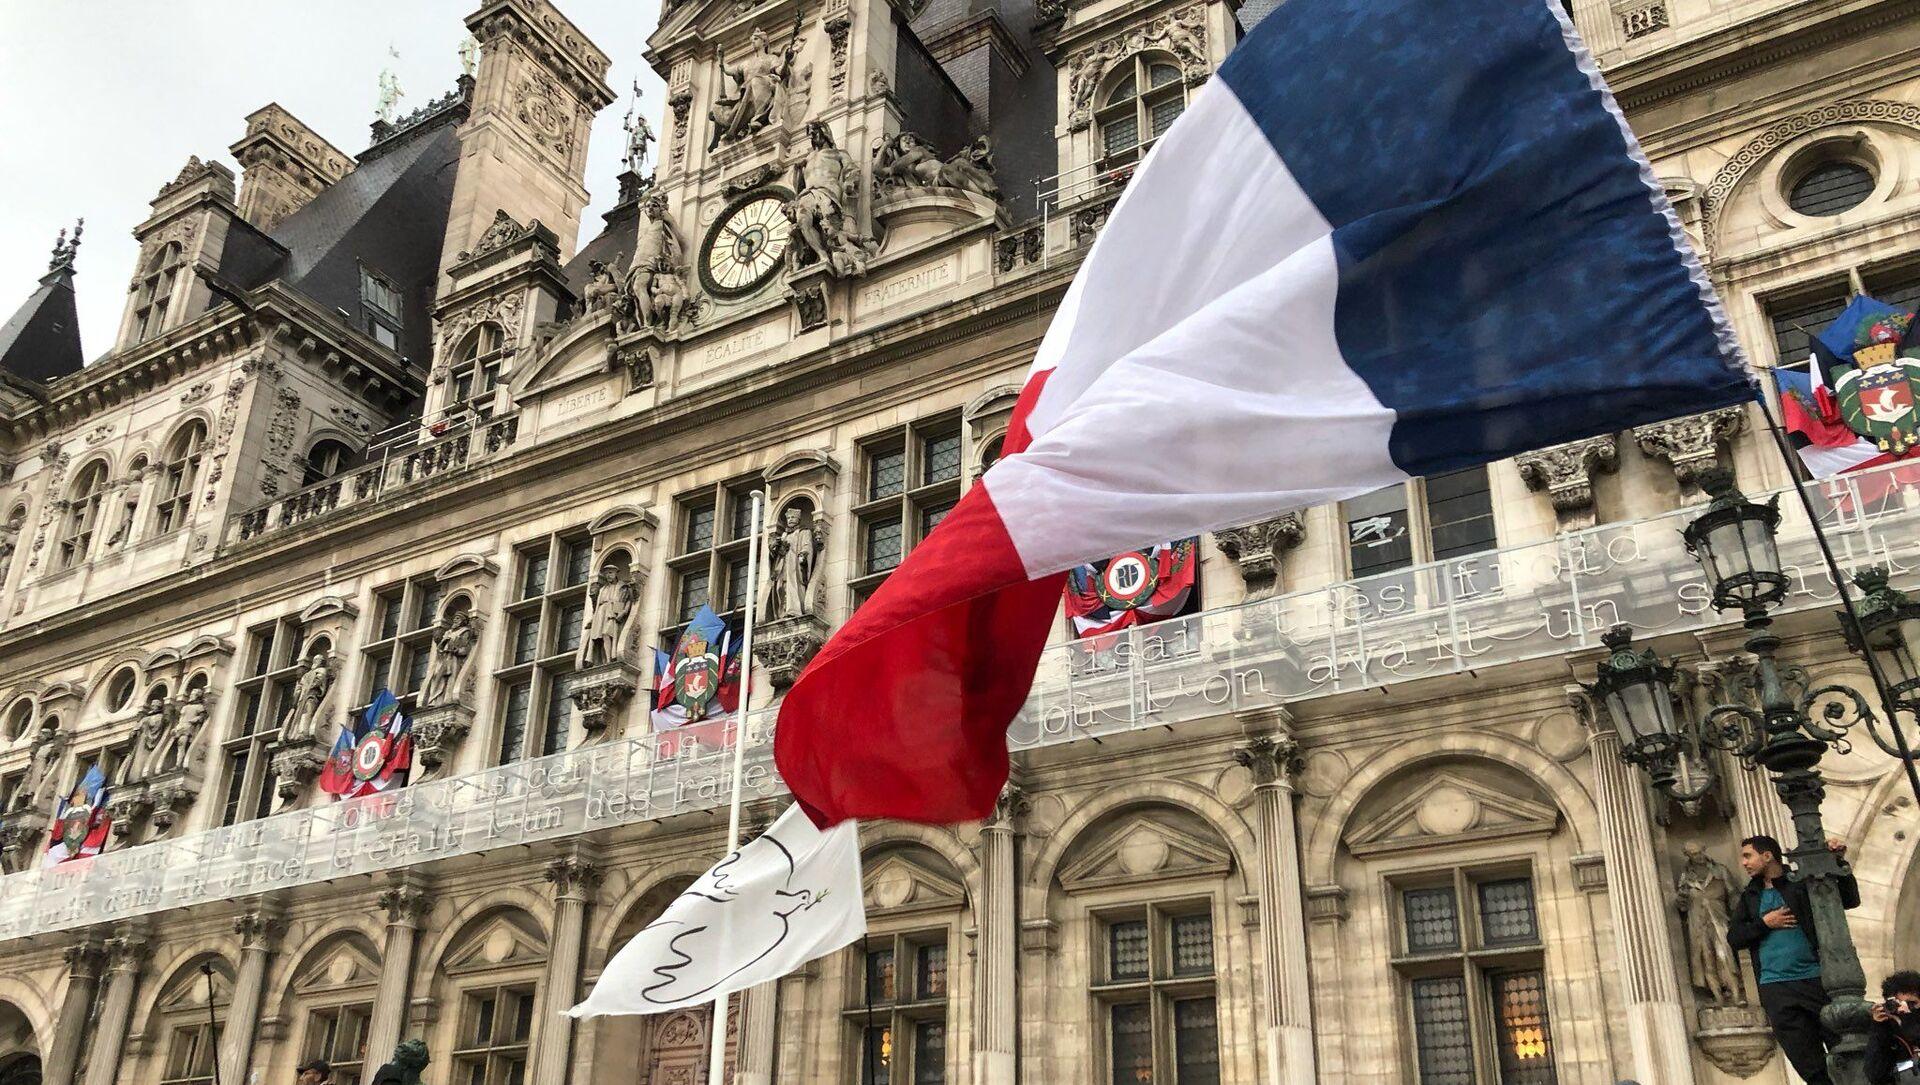 Quatrième week-end de mobilisation à Paris contre le pass sanitaire, 7 août 2021 - Sputnik France, 1920, 01.09.2021